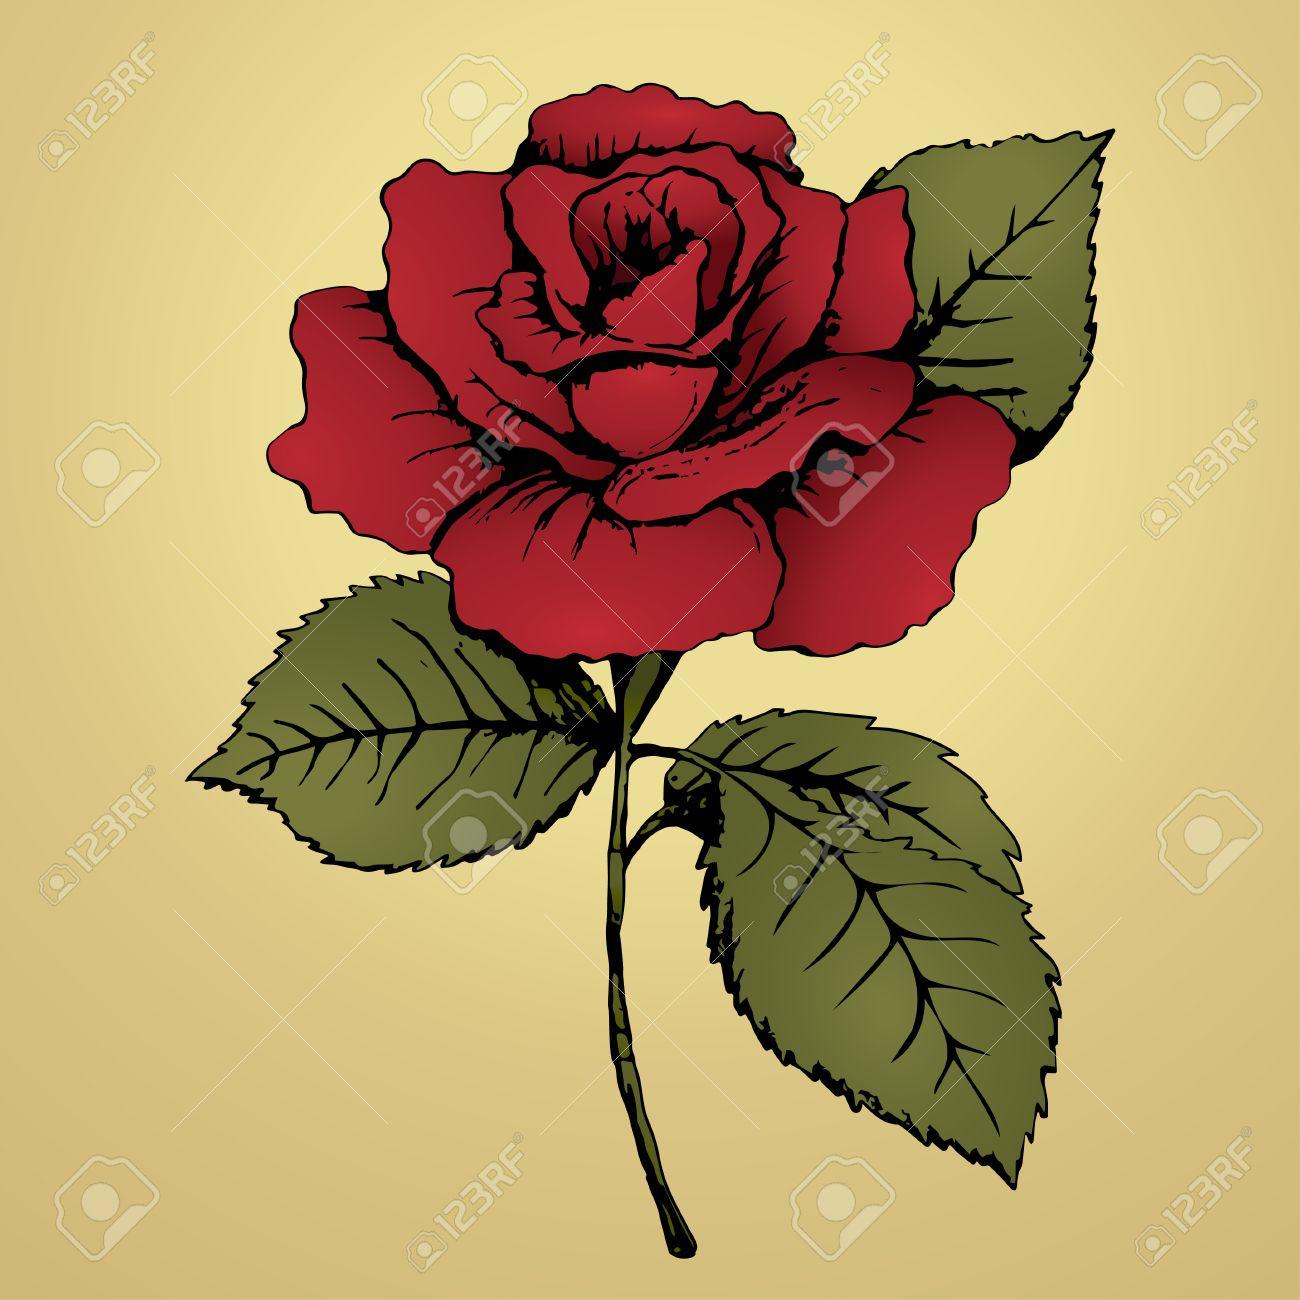 Fleur Rose Rouge Dessin A Main Levee Bud Petales Rouges Feuilles